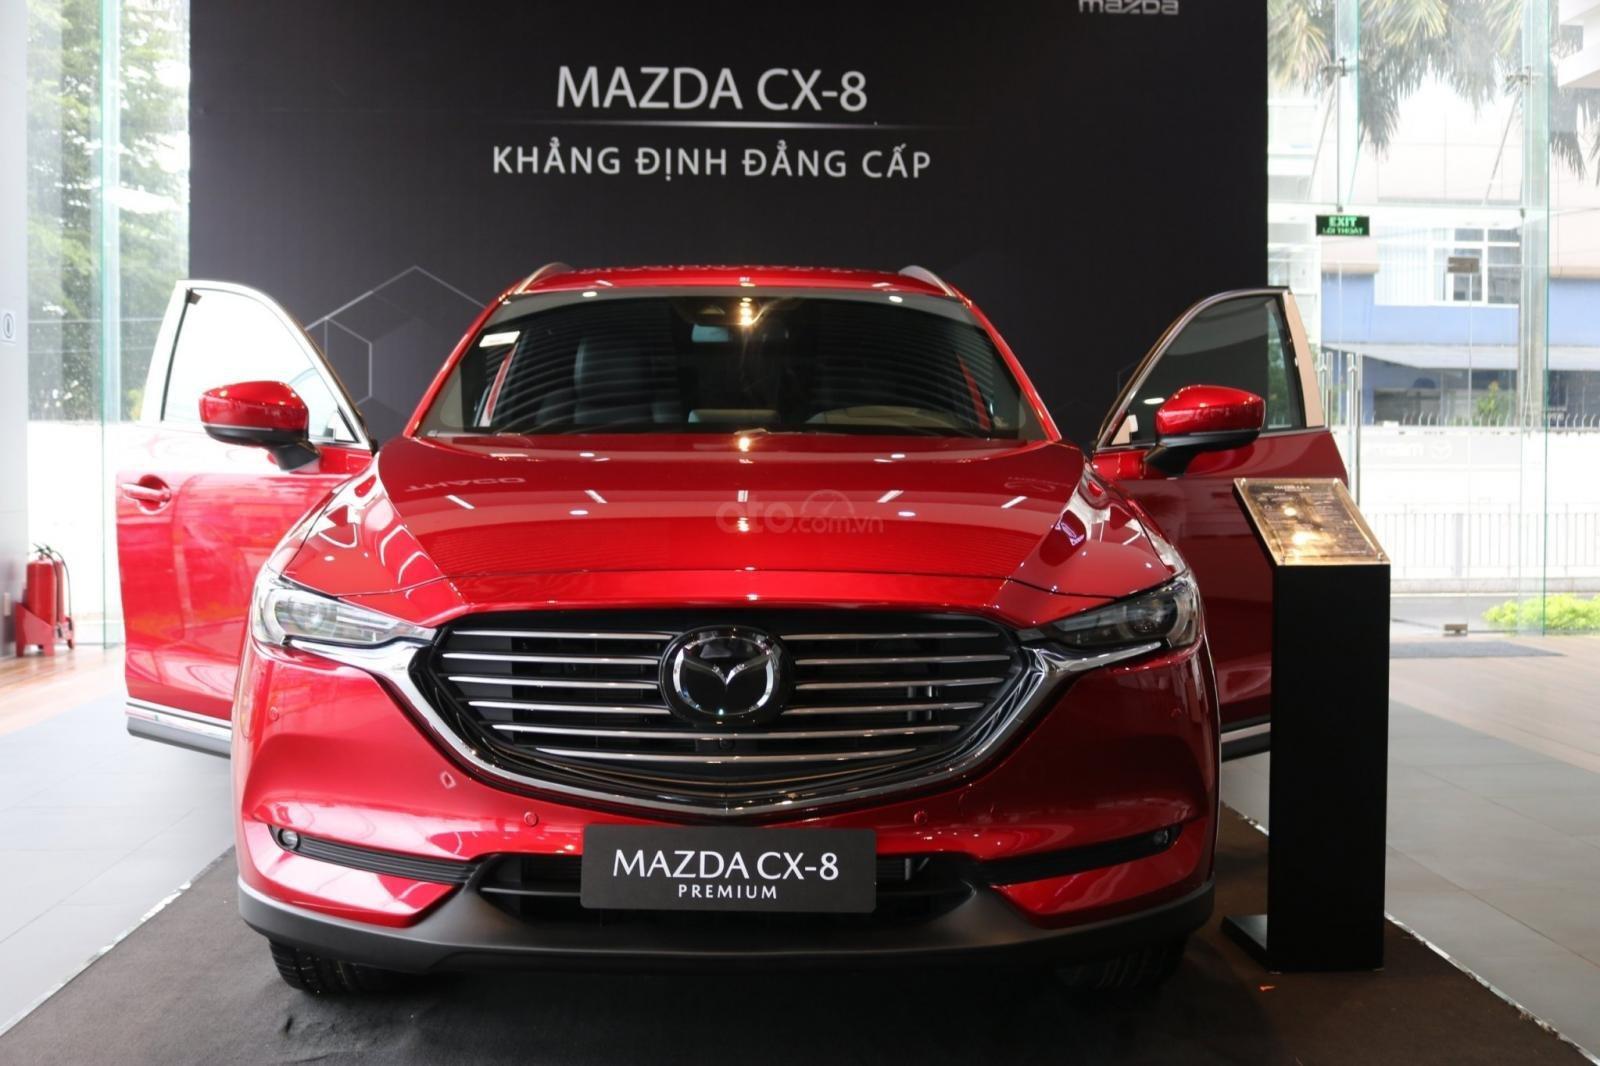 Mazda CX8 2.5 Luxury 2019 ưu đãi giá bán 40 triệu đồng (1)